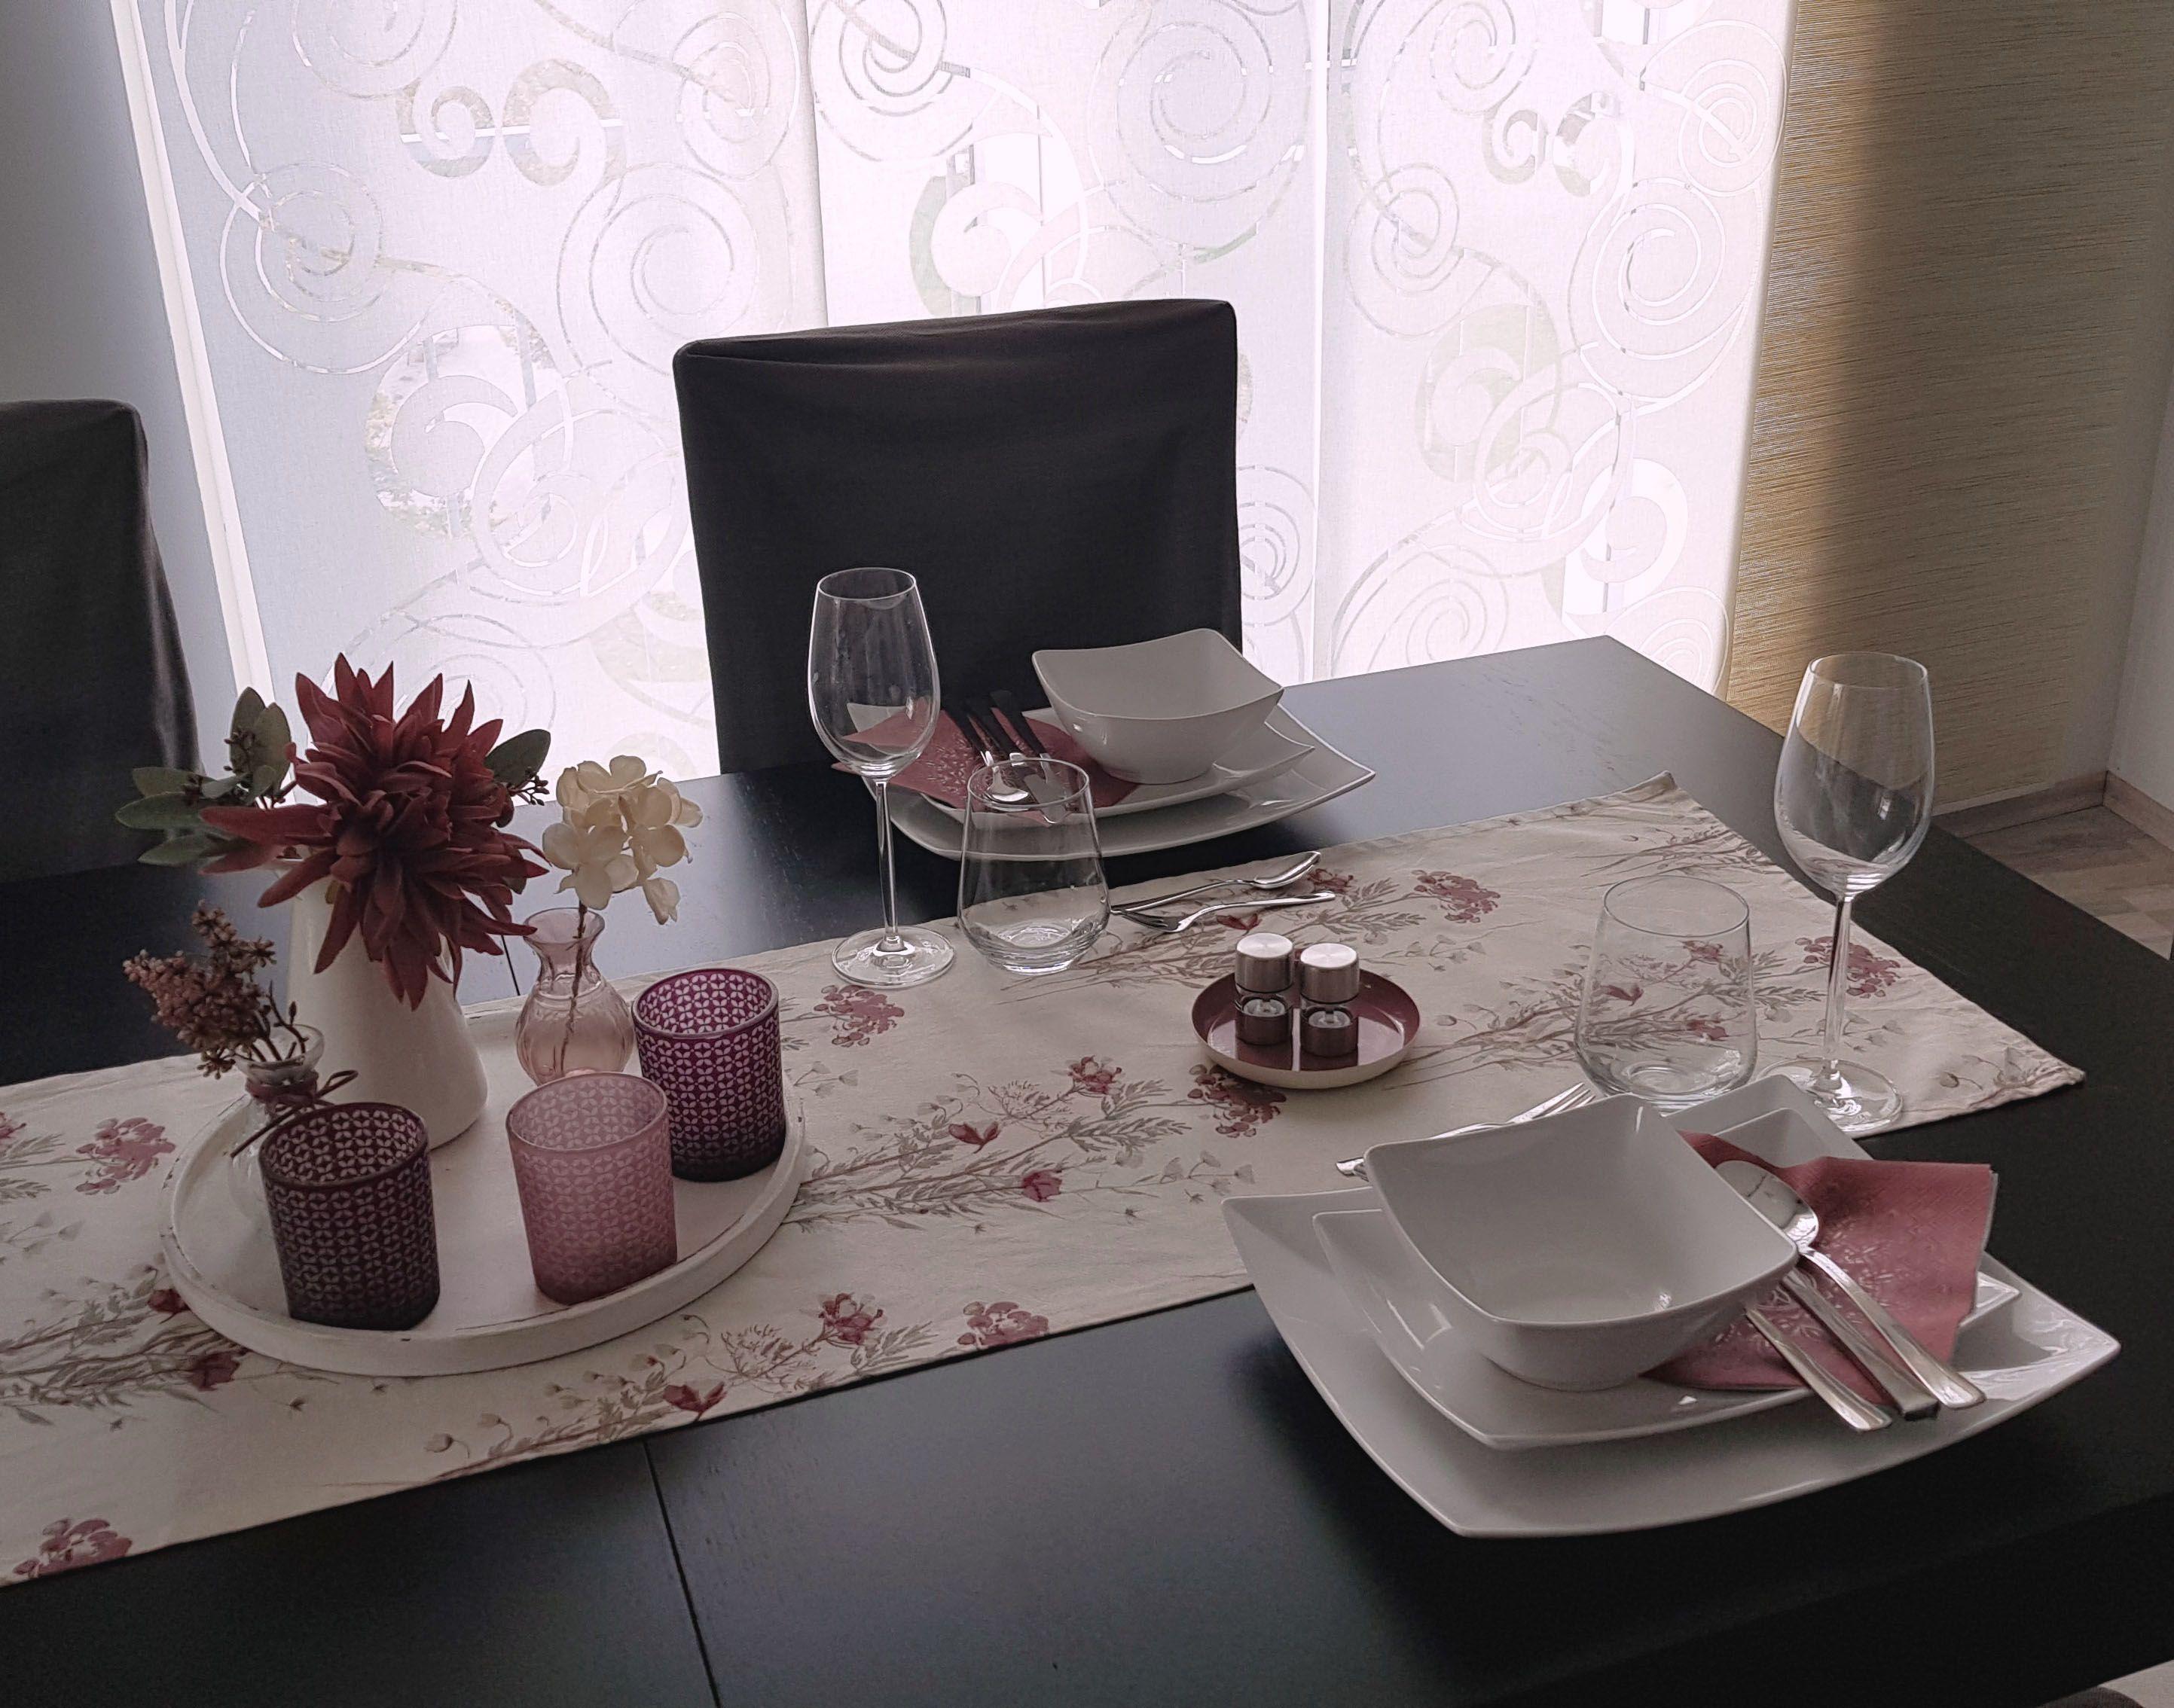 Herbstliche Tischdeko #herbstlichetischdeko Herbstliche Tischdeko gedeckt für zwei - wie man auch mit weißem Geschirr und pastelligen Farben Herbststimmung aufkommen lassen kann #herbstlichetischdeko Herbstliche Tischdeko #herbstlichetischdeko Herbstliche Tischdeko gedeckt für zwei - wie man auch mit weißem Geschirr und pastelligen Farben Herbststimmung aufkommen lassen kann #herbstlichetischdeko Herbstliche Tischdeko #herbstlichetischdeko Herbstliche Tischdeko gedeckt für zwei - wie man au #herbstlichetischdeko